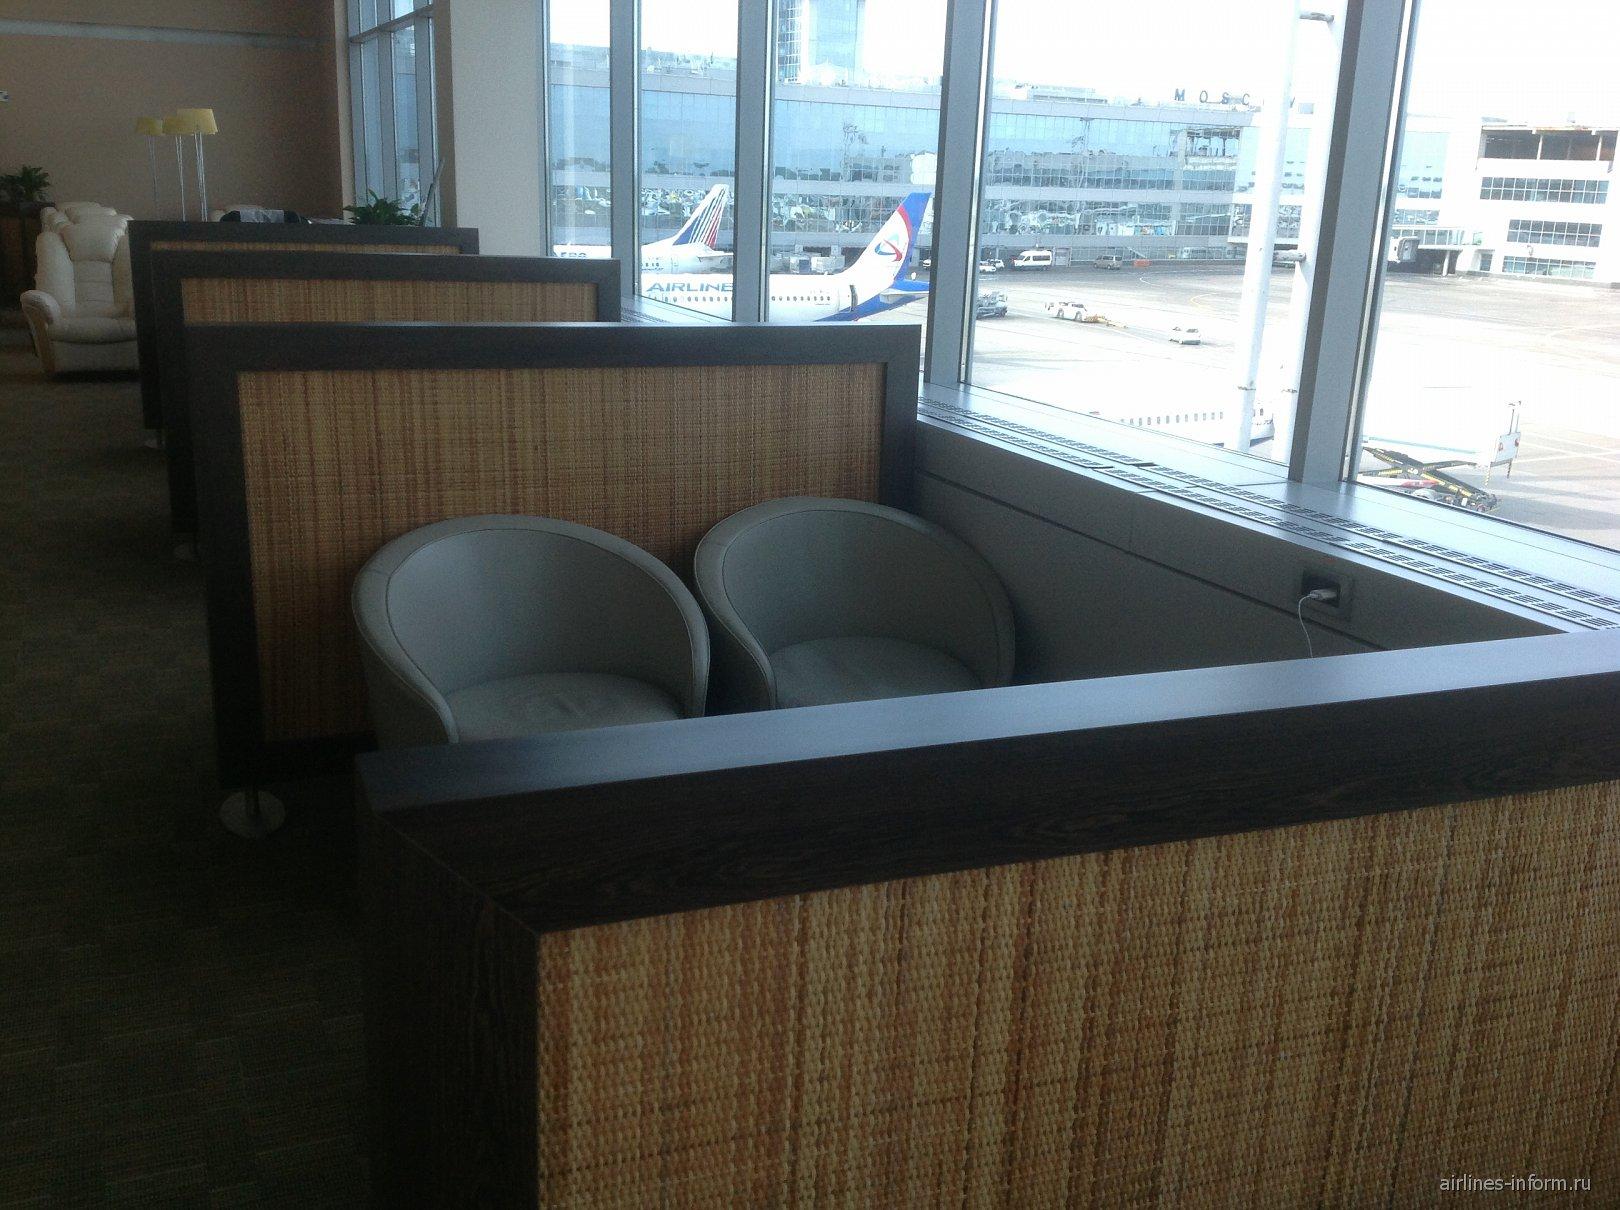 В бизнес-зале аэропорта Москва Домодедово